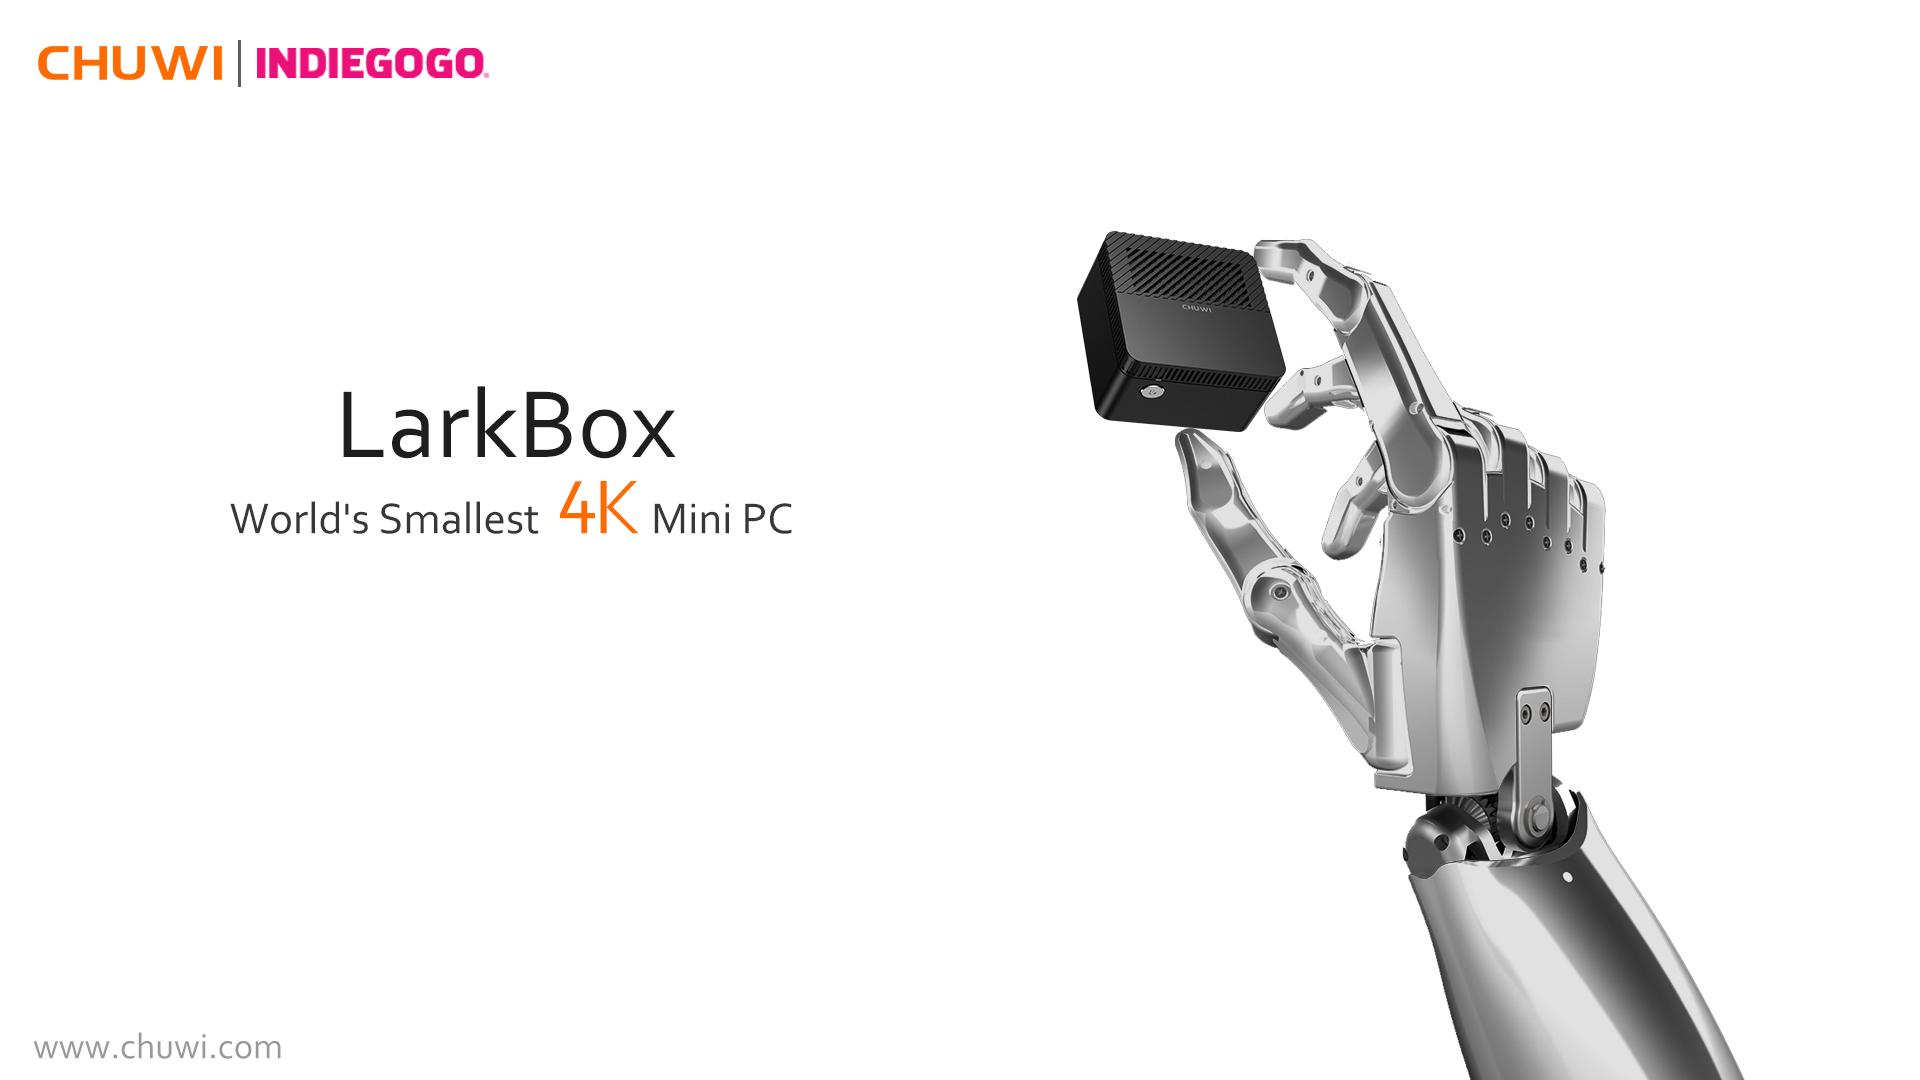 Nejmenší 4K Mini PC LarkBox od CHUWI je v prodeji! [sponzorovaný článek]